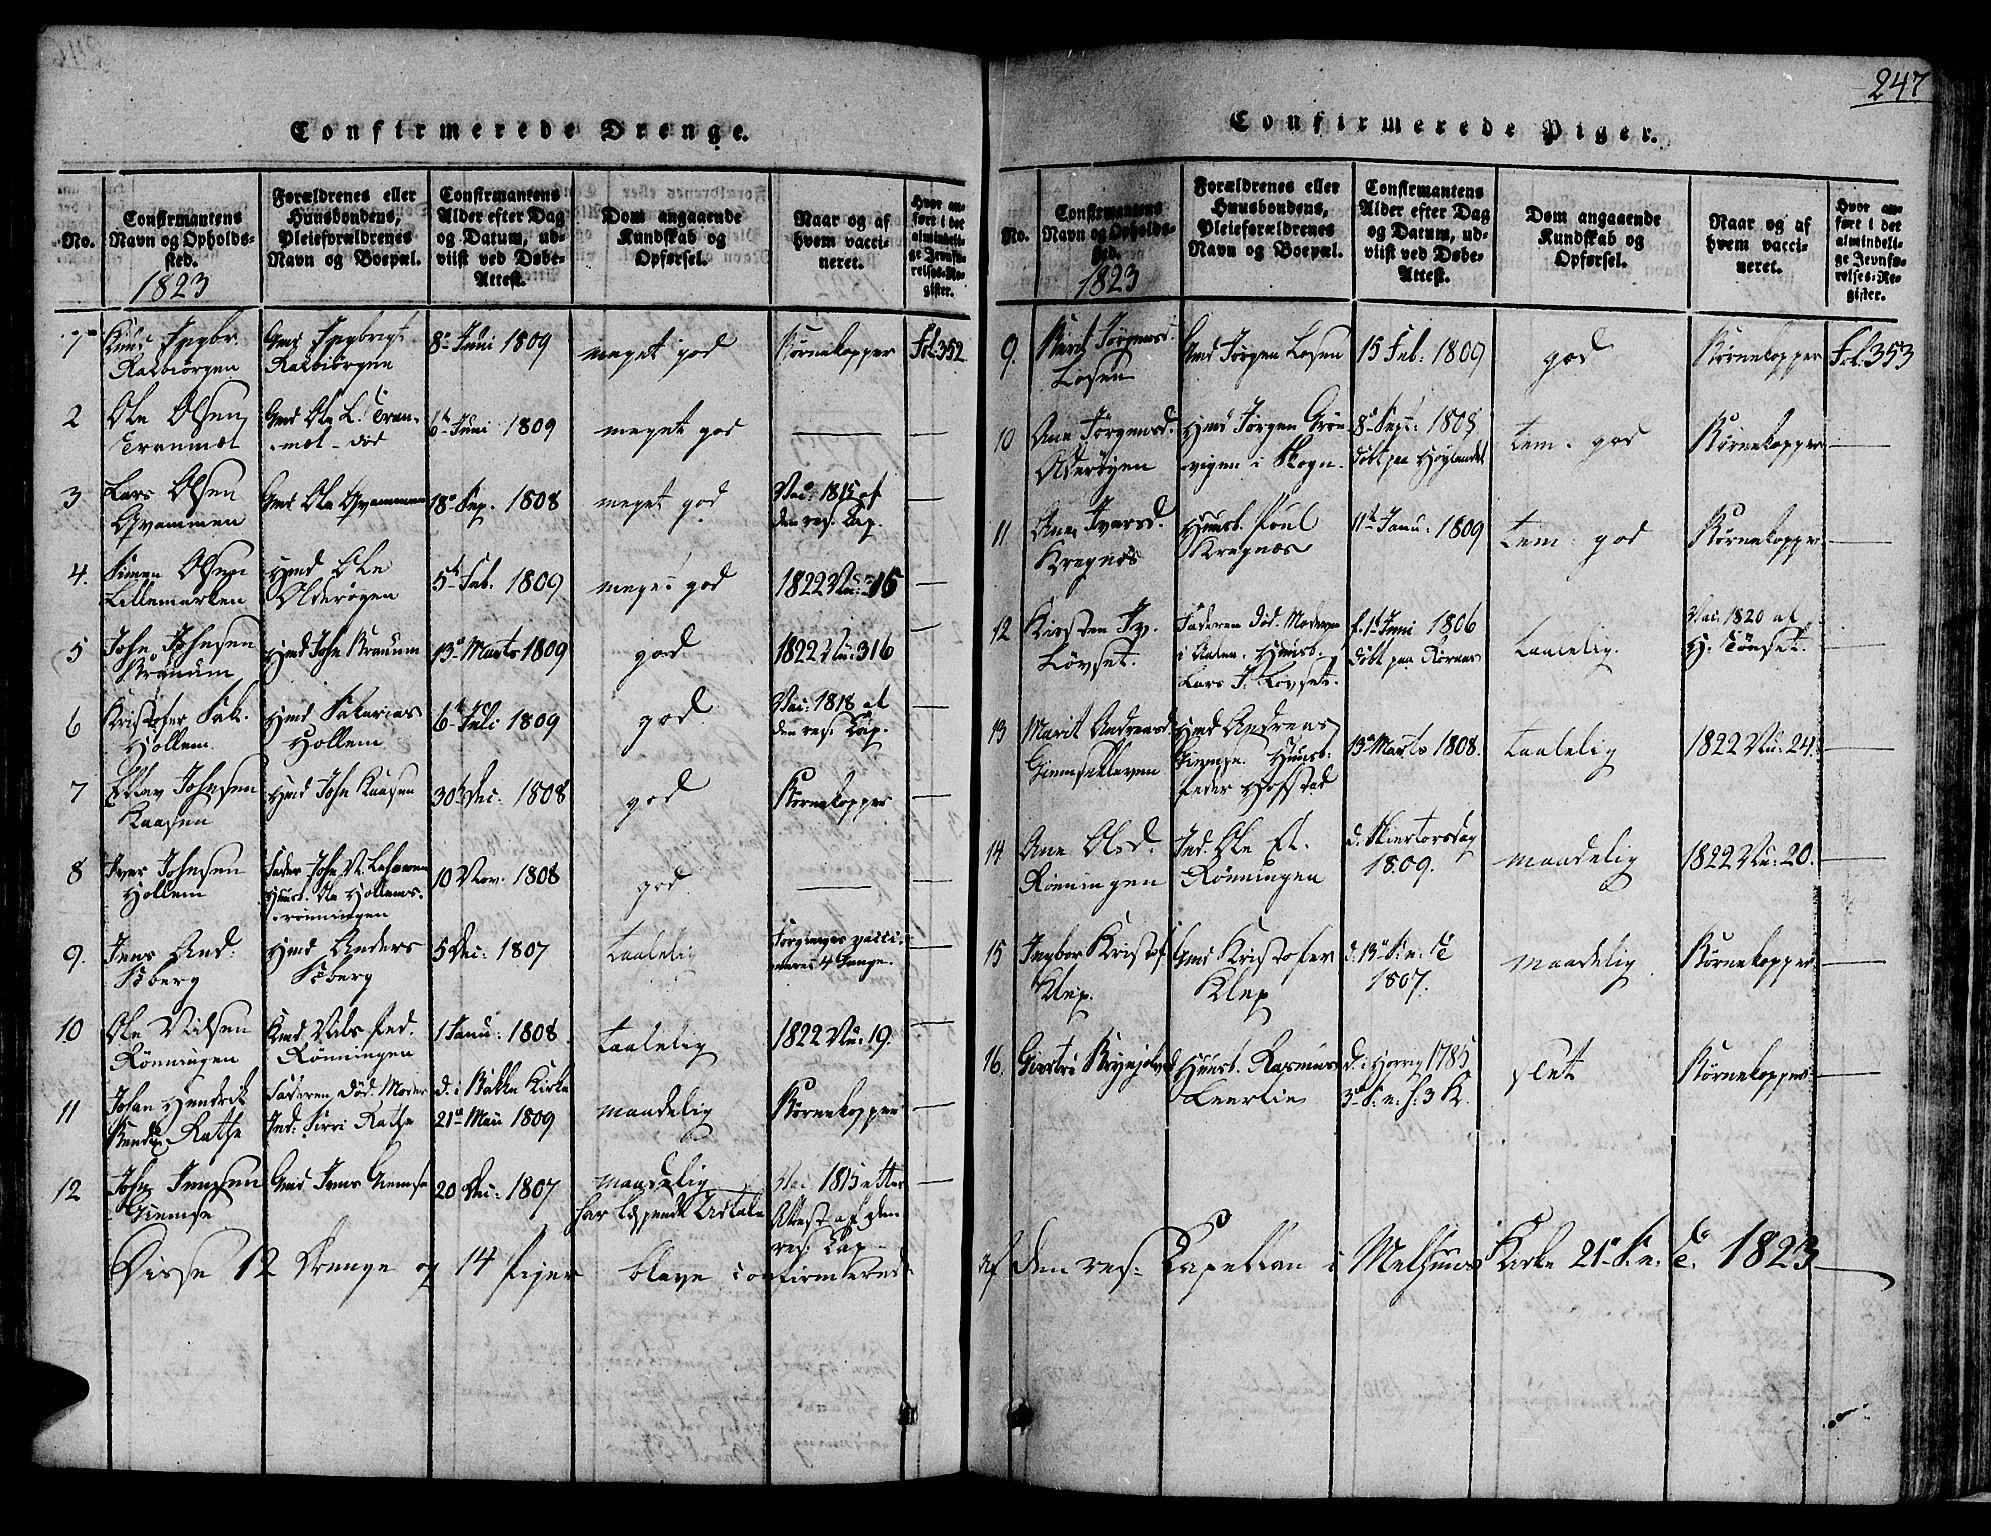 SAT, Ministerialprotokoller, klokkerbøker og fødselsregistre - Sør-Trøndelag, 691/L1065: Ministerialbok nr. 691A03 /1, 1816-1826, s. 247